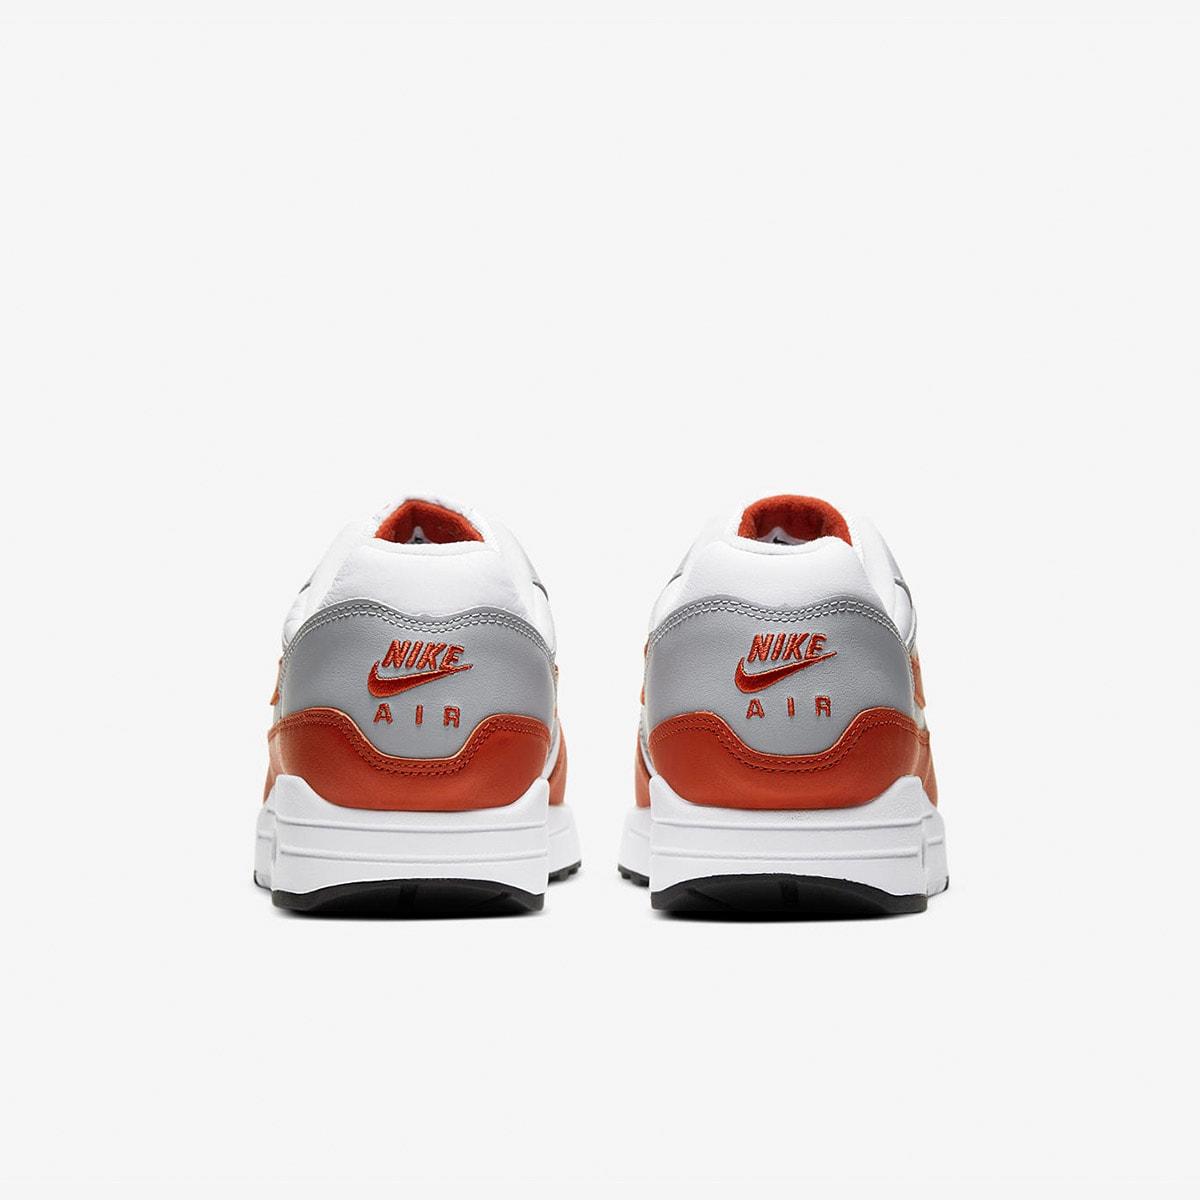 Nike Air Max 1 LV8 - DH4059-102